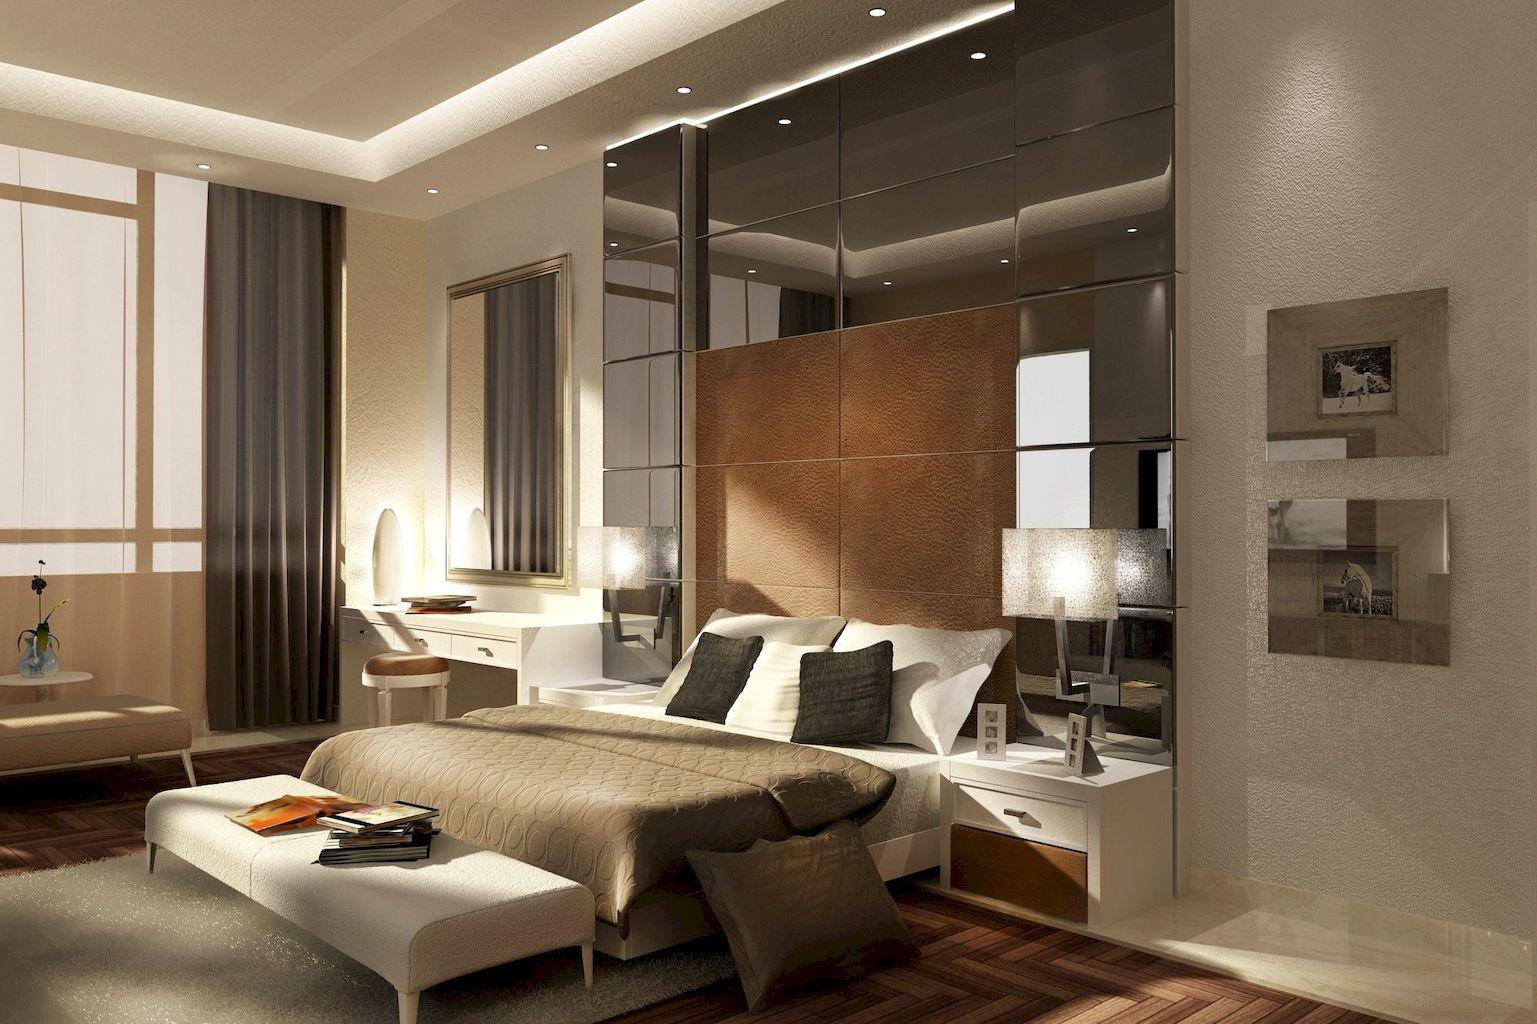 Elonahome Com Home Design And Inspiration Master Bedroom Interior Design Master Bedroom Interior Interior Design Bedroom Popular master bedroom suitedesign